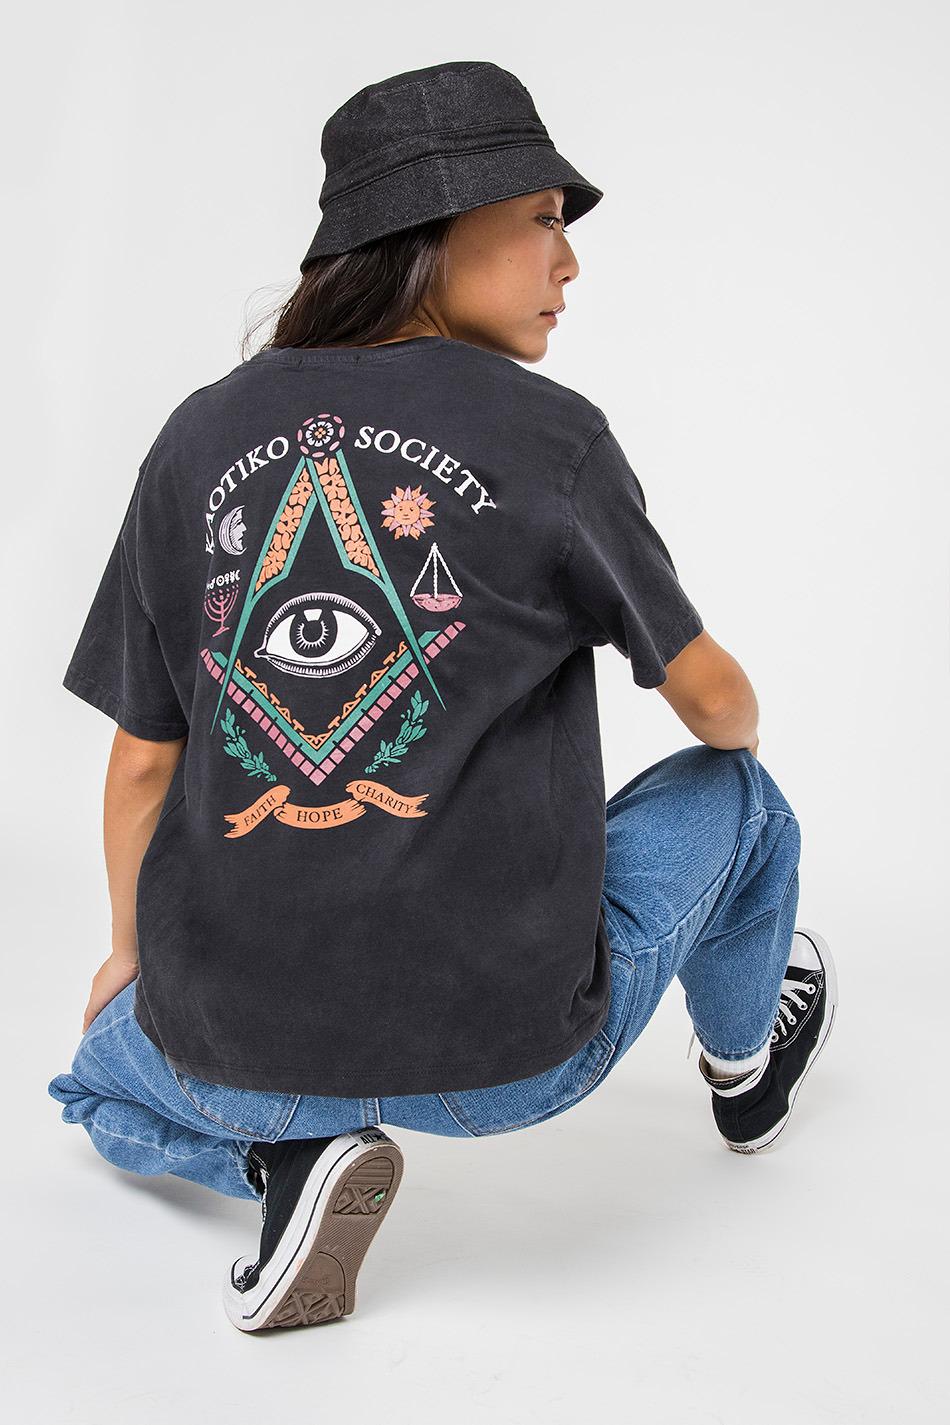 Tie Dye Mason Black T-shirt